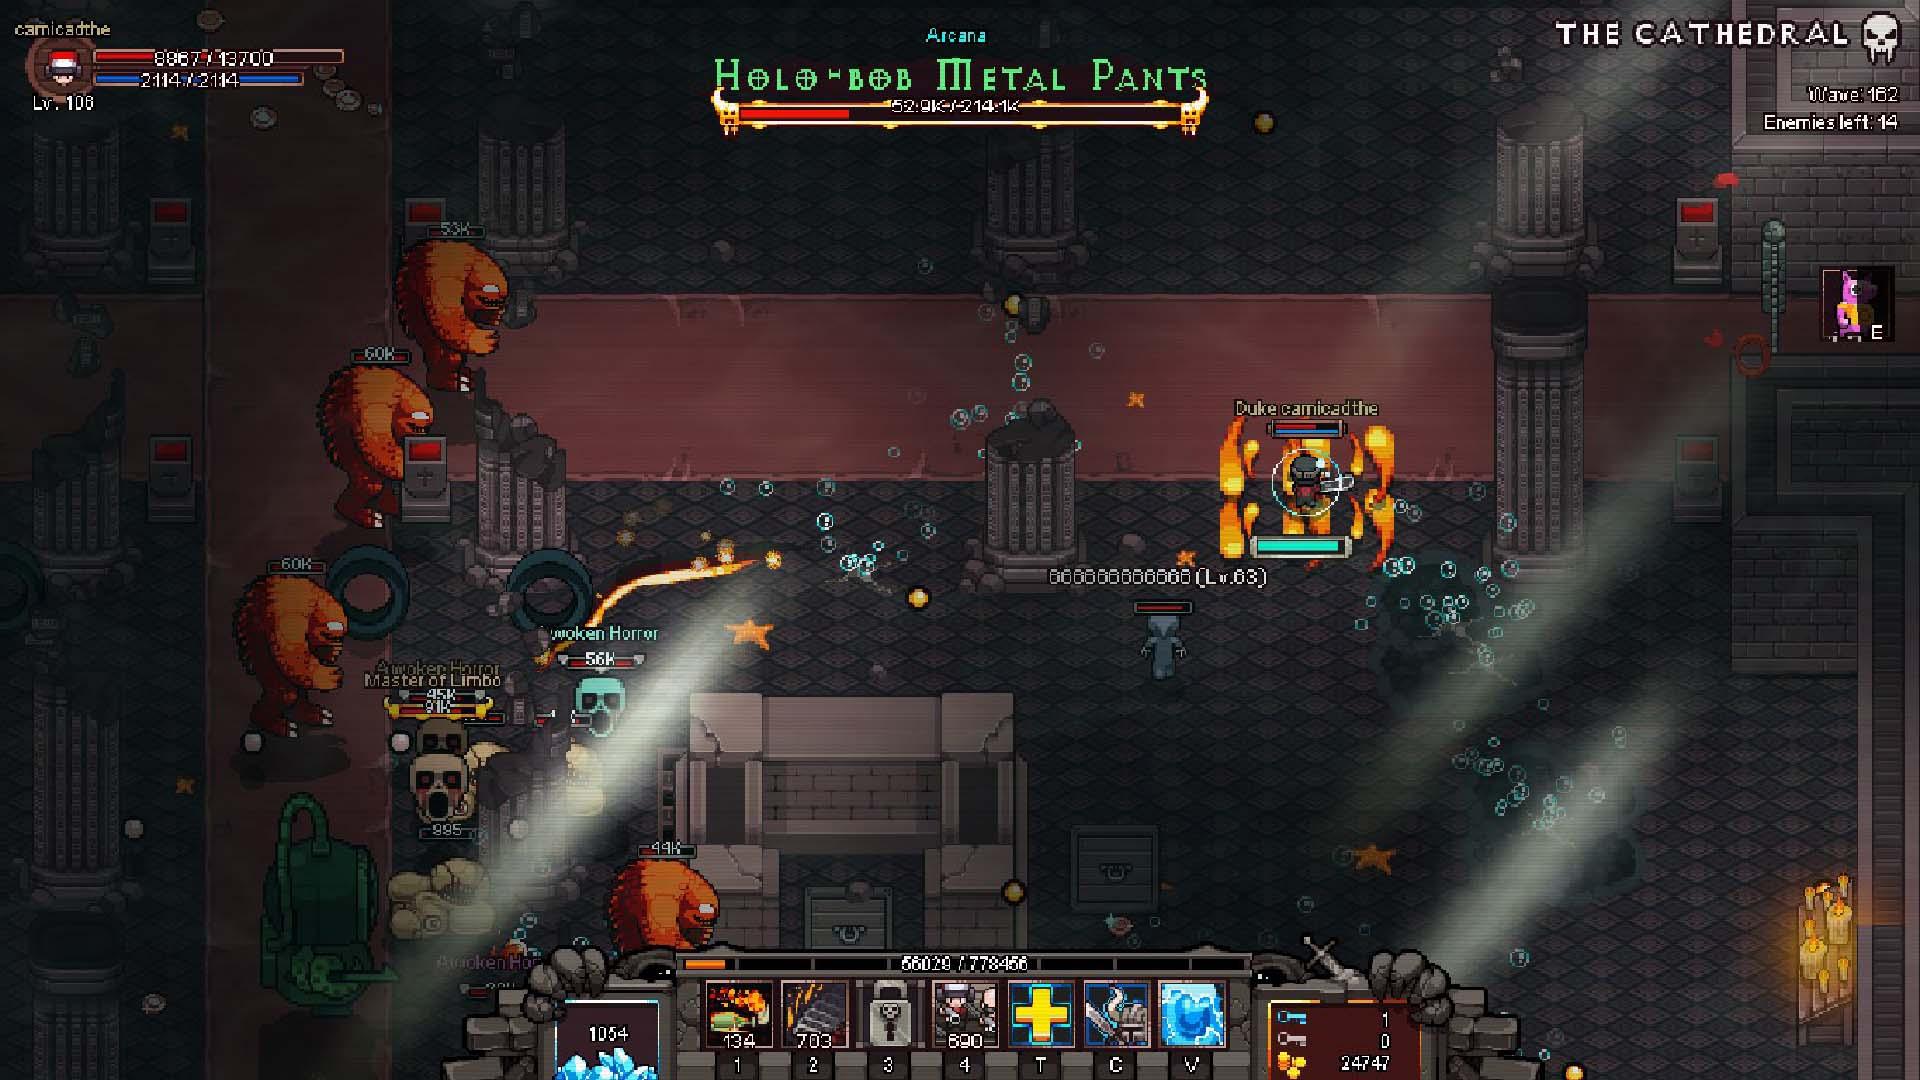 Hero Siege PC Game - Free Download Full Version